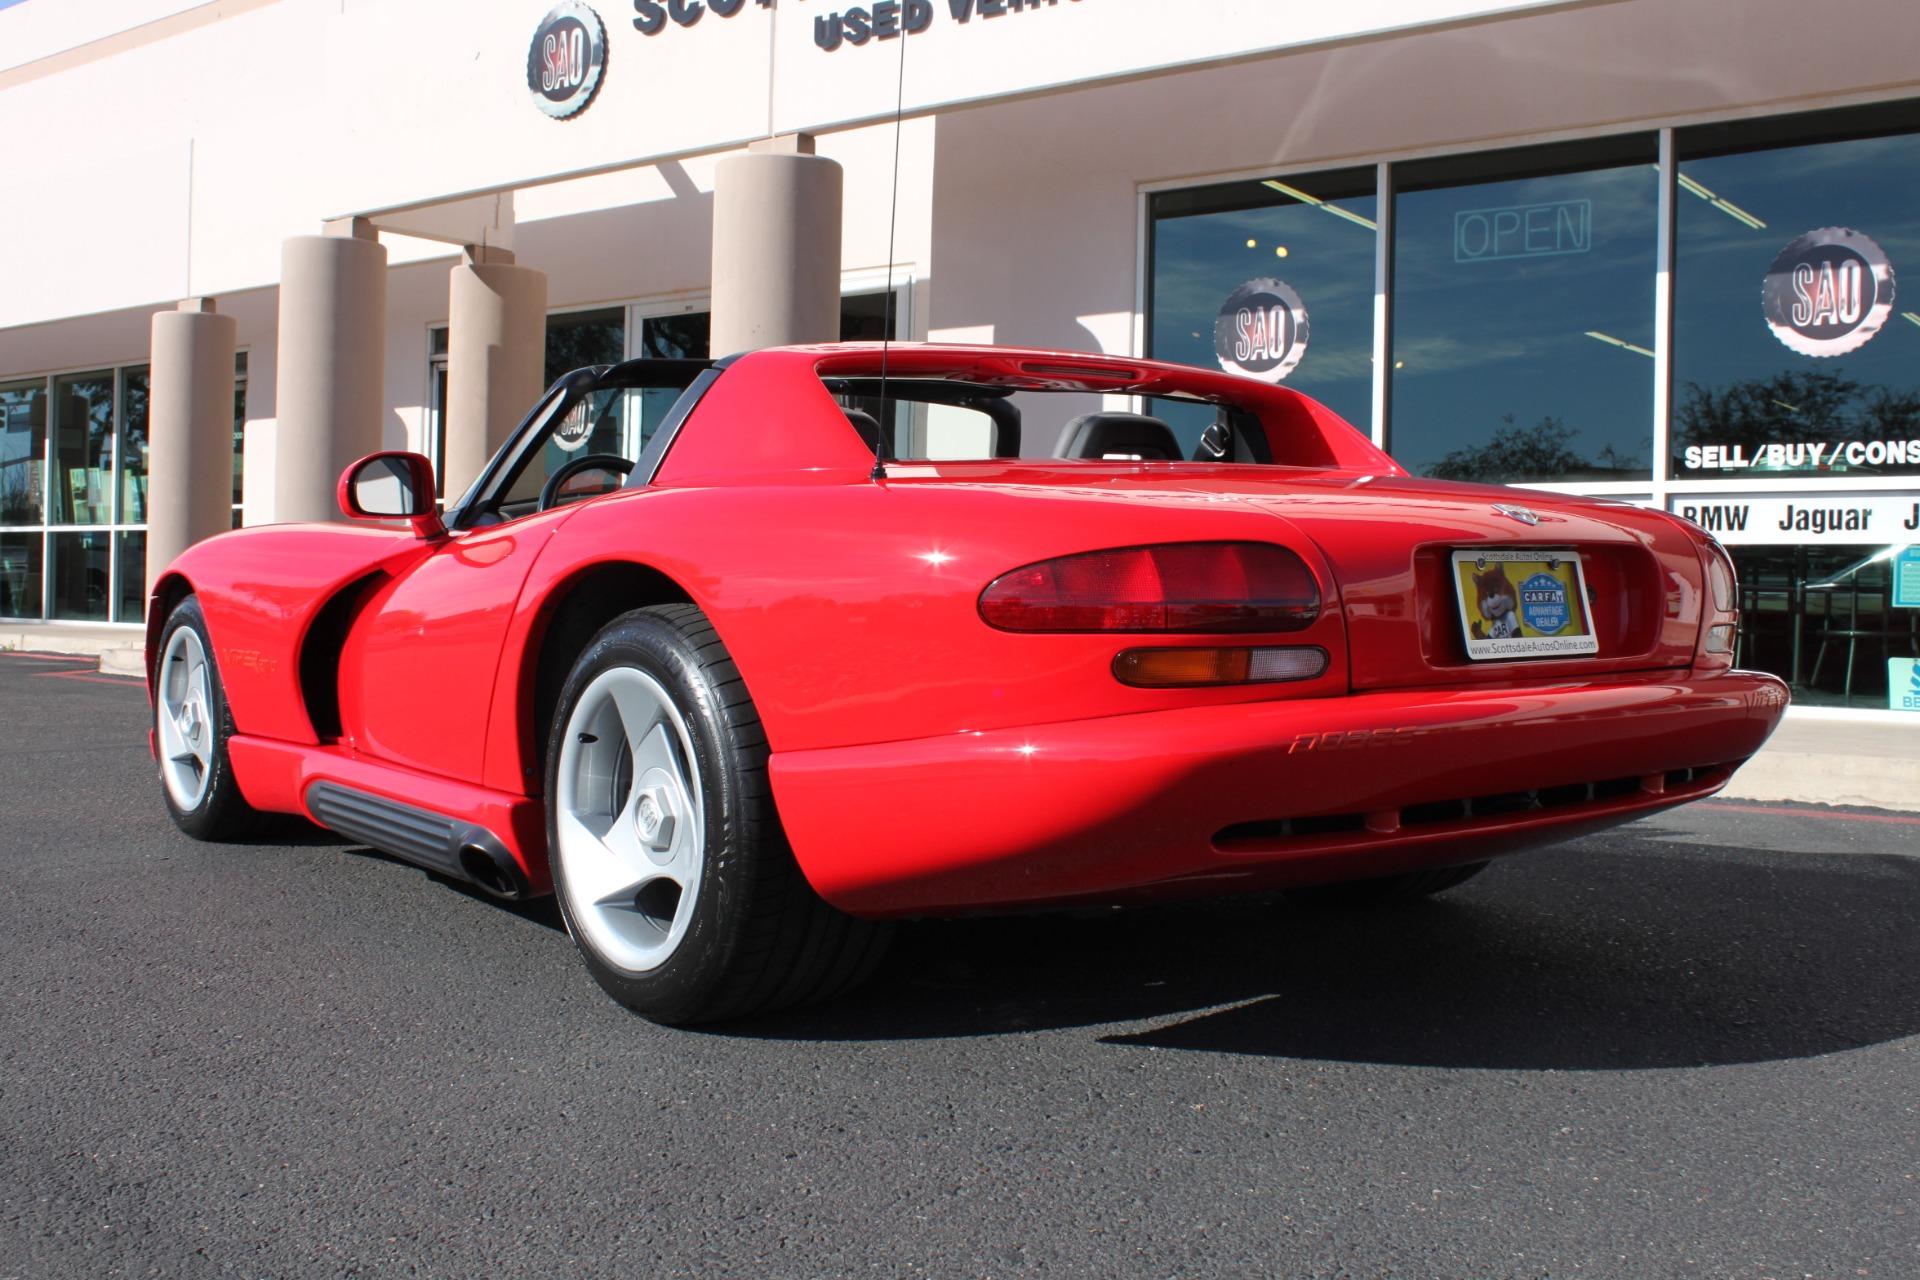 Used-1993-Dodge-Viper-Sports-Car-Grand-Wagoneer